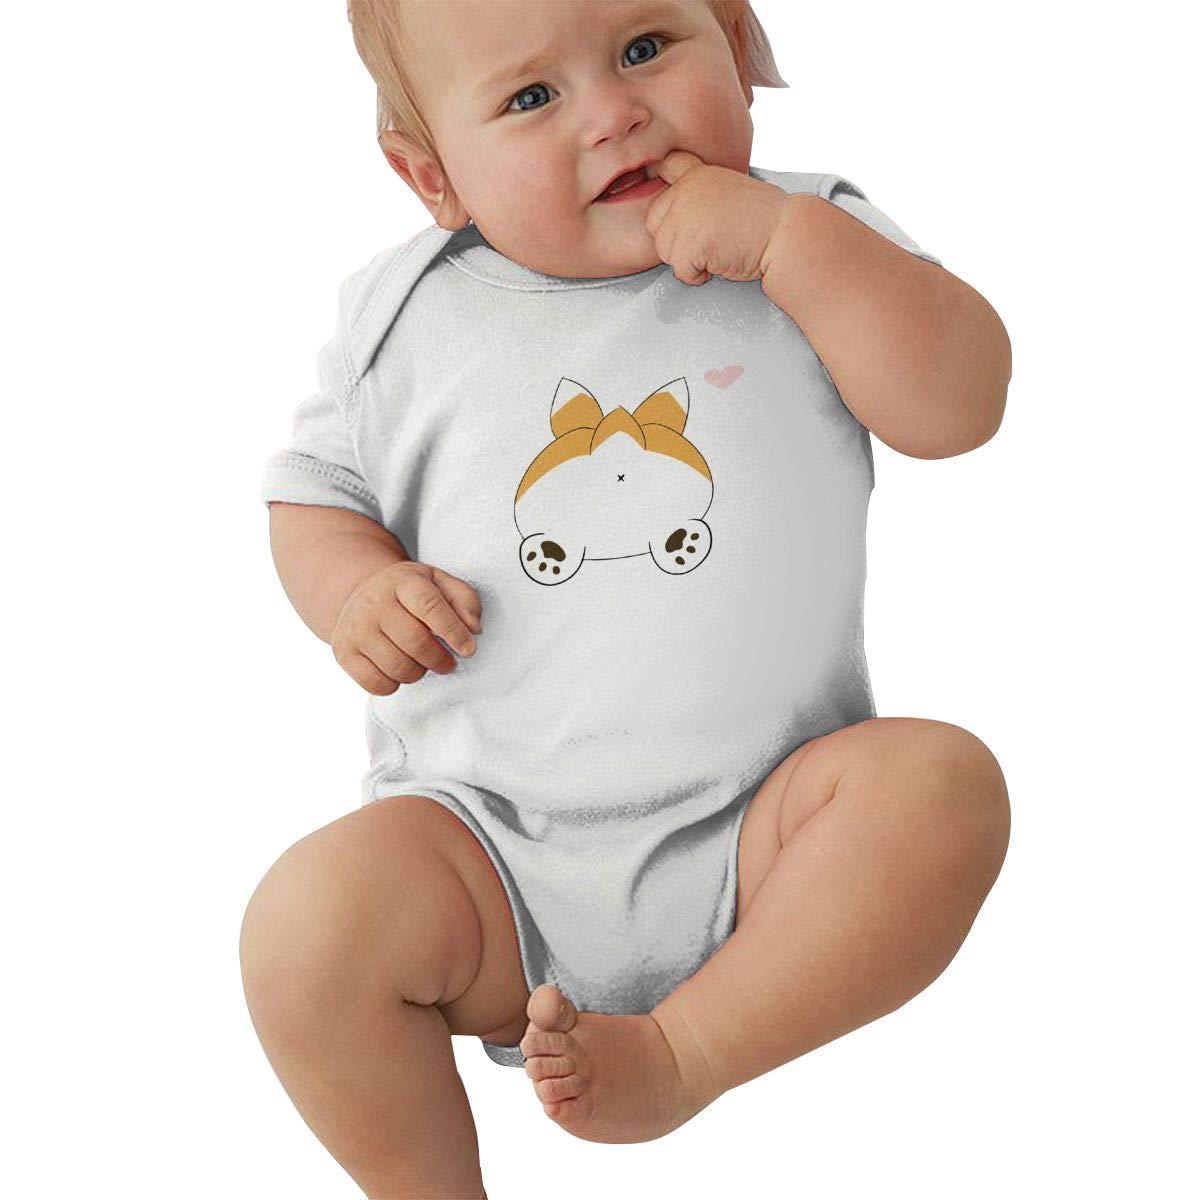 Corgi Butt Plain Hip Hop Newborn Baby Short Sleeve Bodysuit Romper Infant Summer Clothing Black